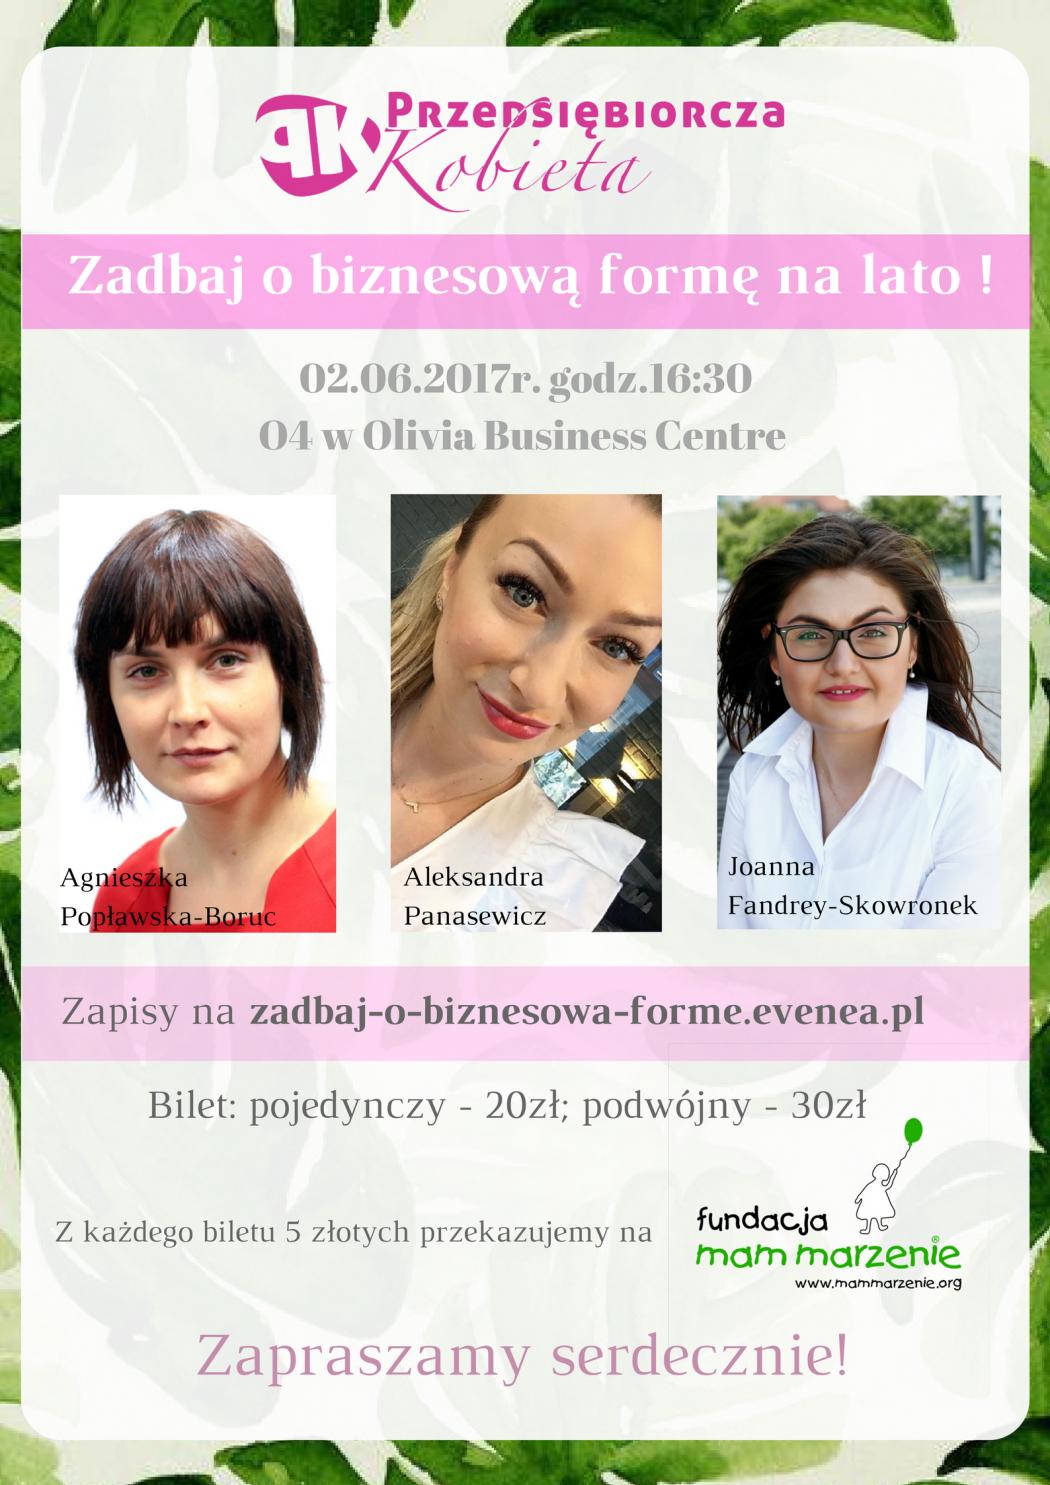 magazynkobiet.pl - Zadbaj o biznesową formę na lato Przedsiębiorcza Kobieta 1050x1485 - Zadbaj o biznesową formę na lato!